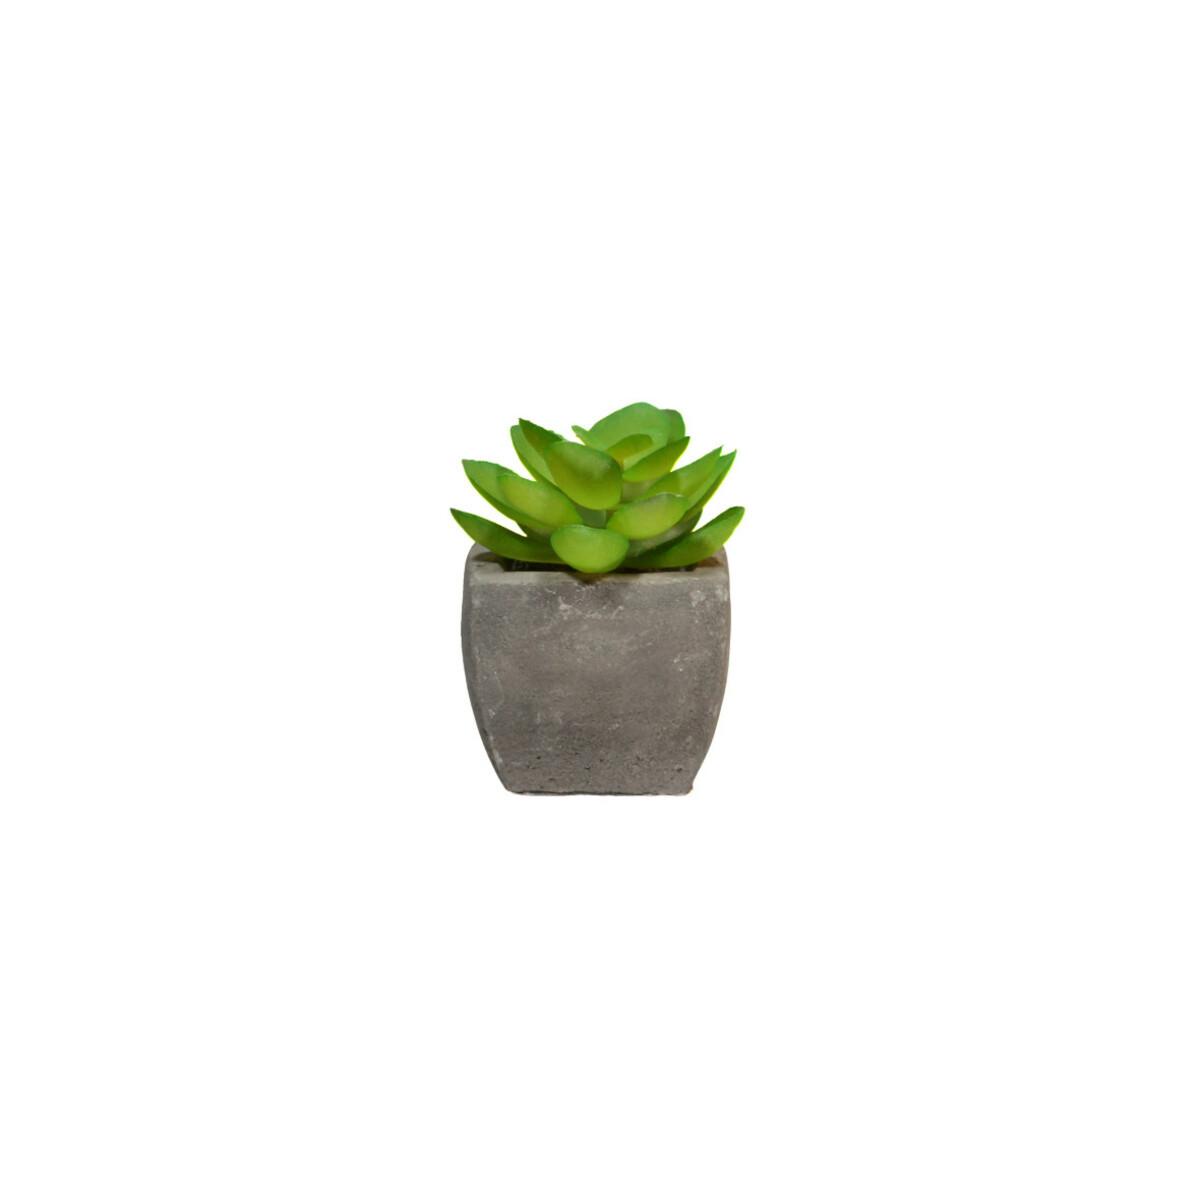 Bild 1 von Mini Fake Pflanze mit Topf 5x5x8cm